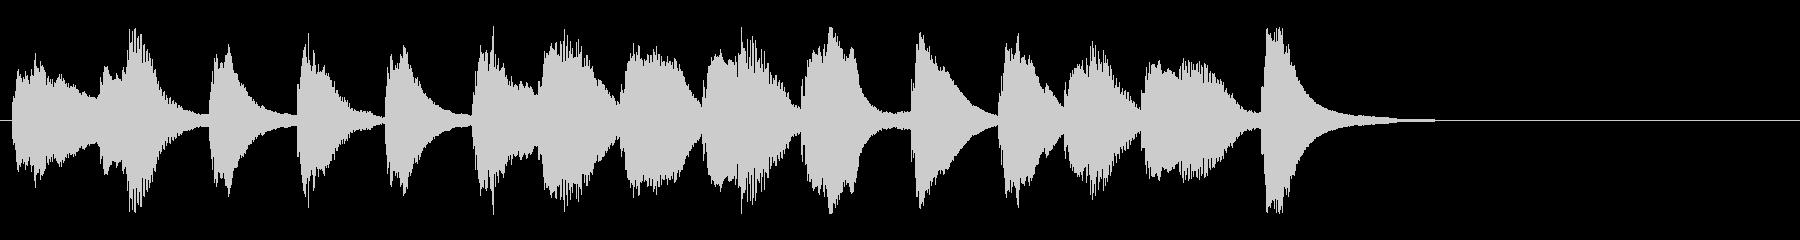 料理/子供・キッズ/軽やかピアノジングルの未再生の波形